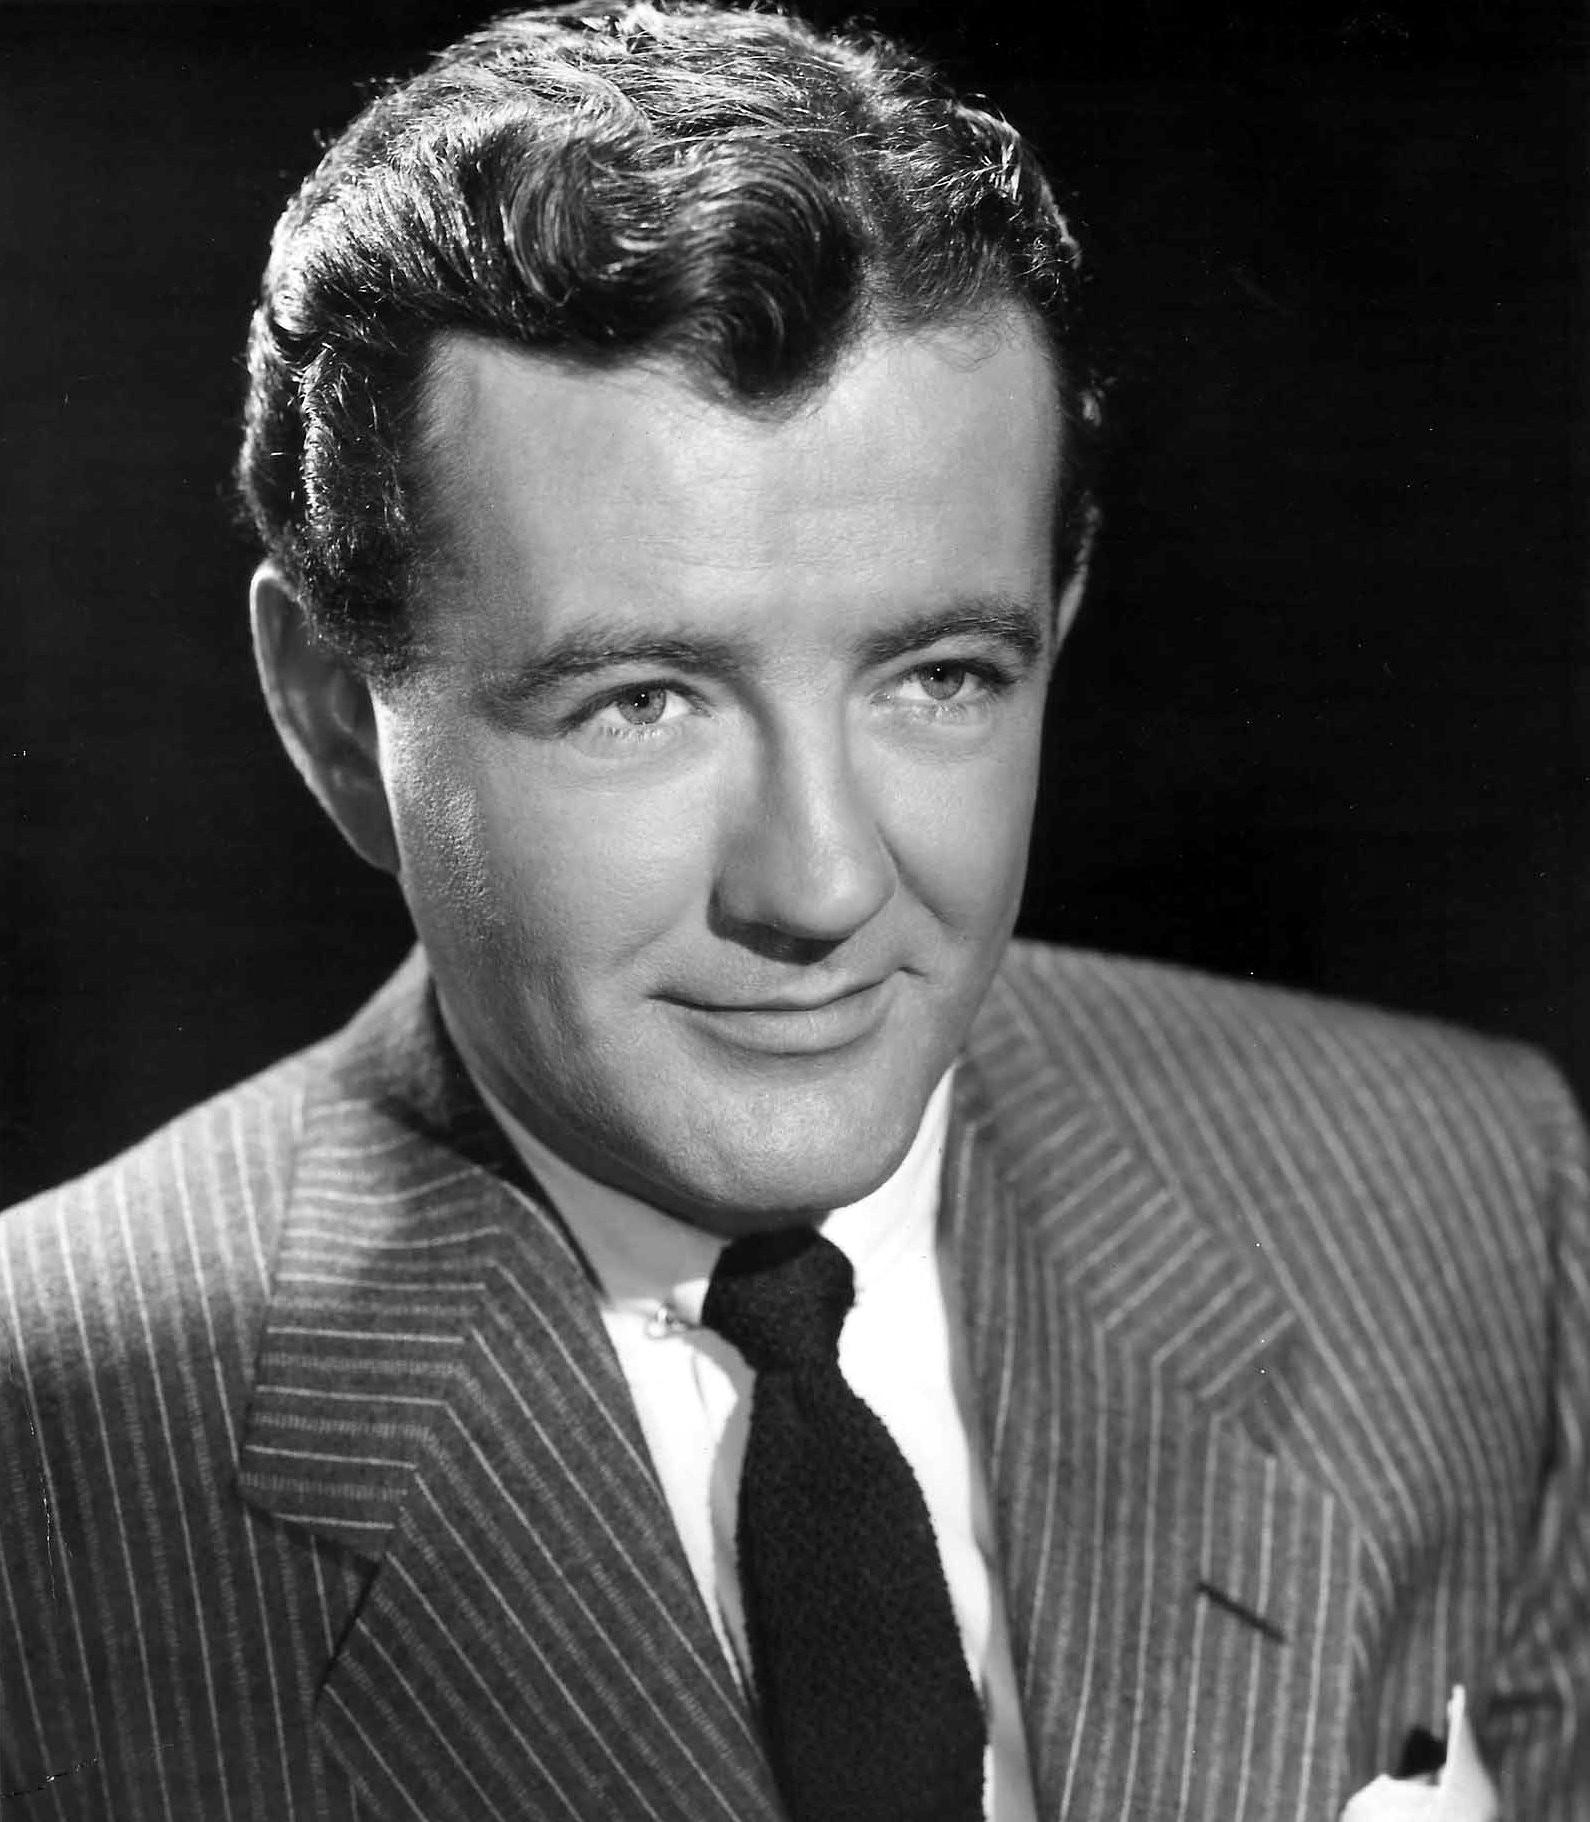 Robert Walker Actor Born 1918 Wikipedia